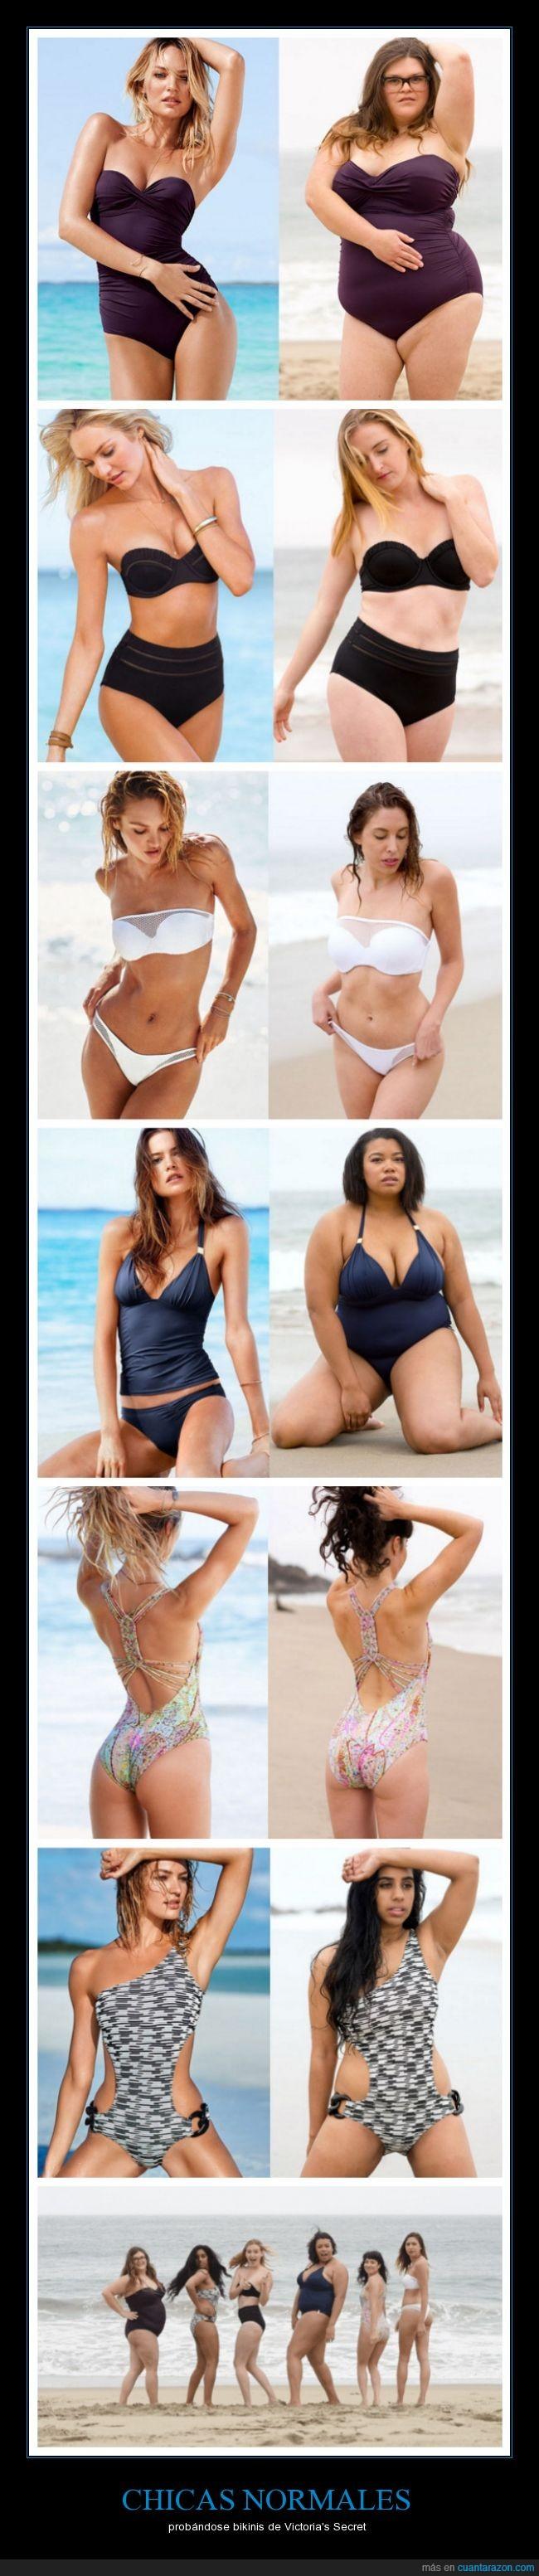 bañador,chicas,cuerpo,modelos,normales,victoria's secret